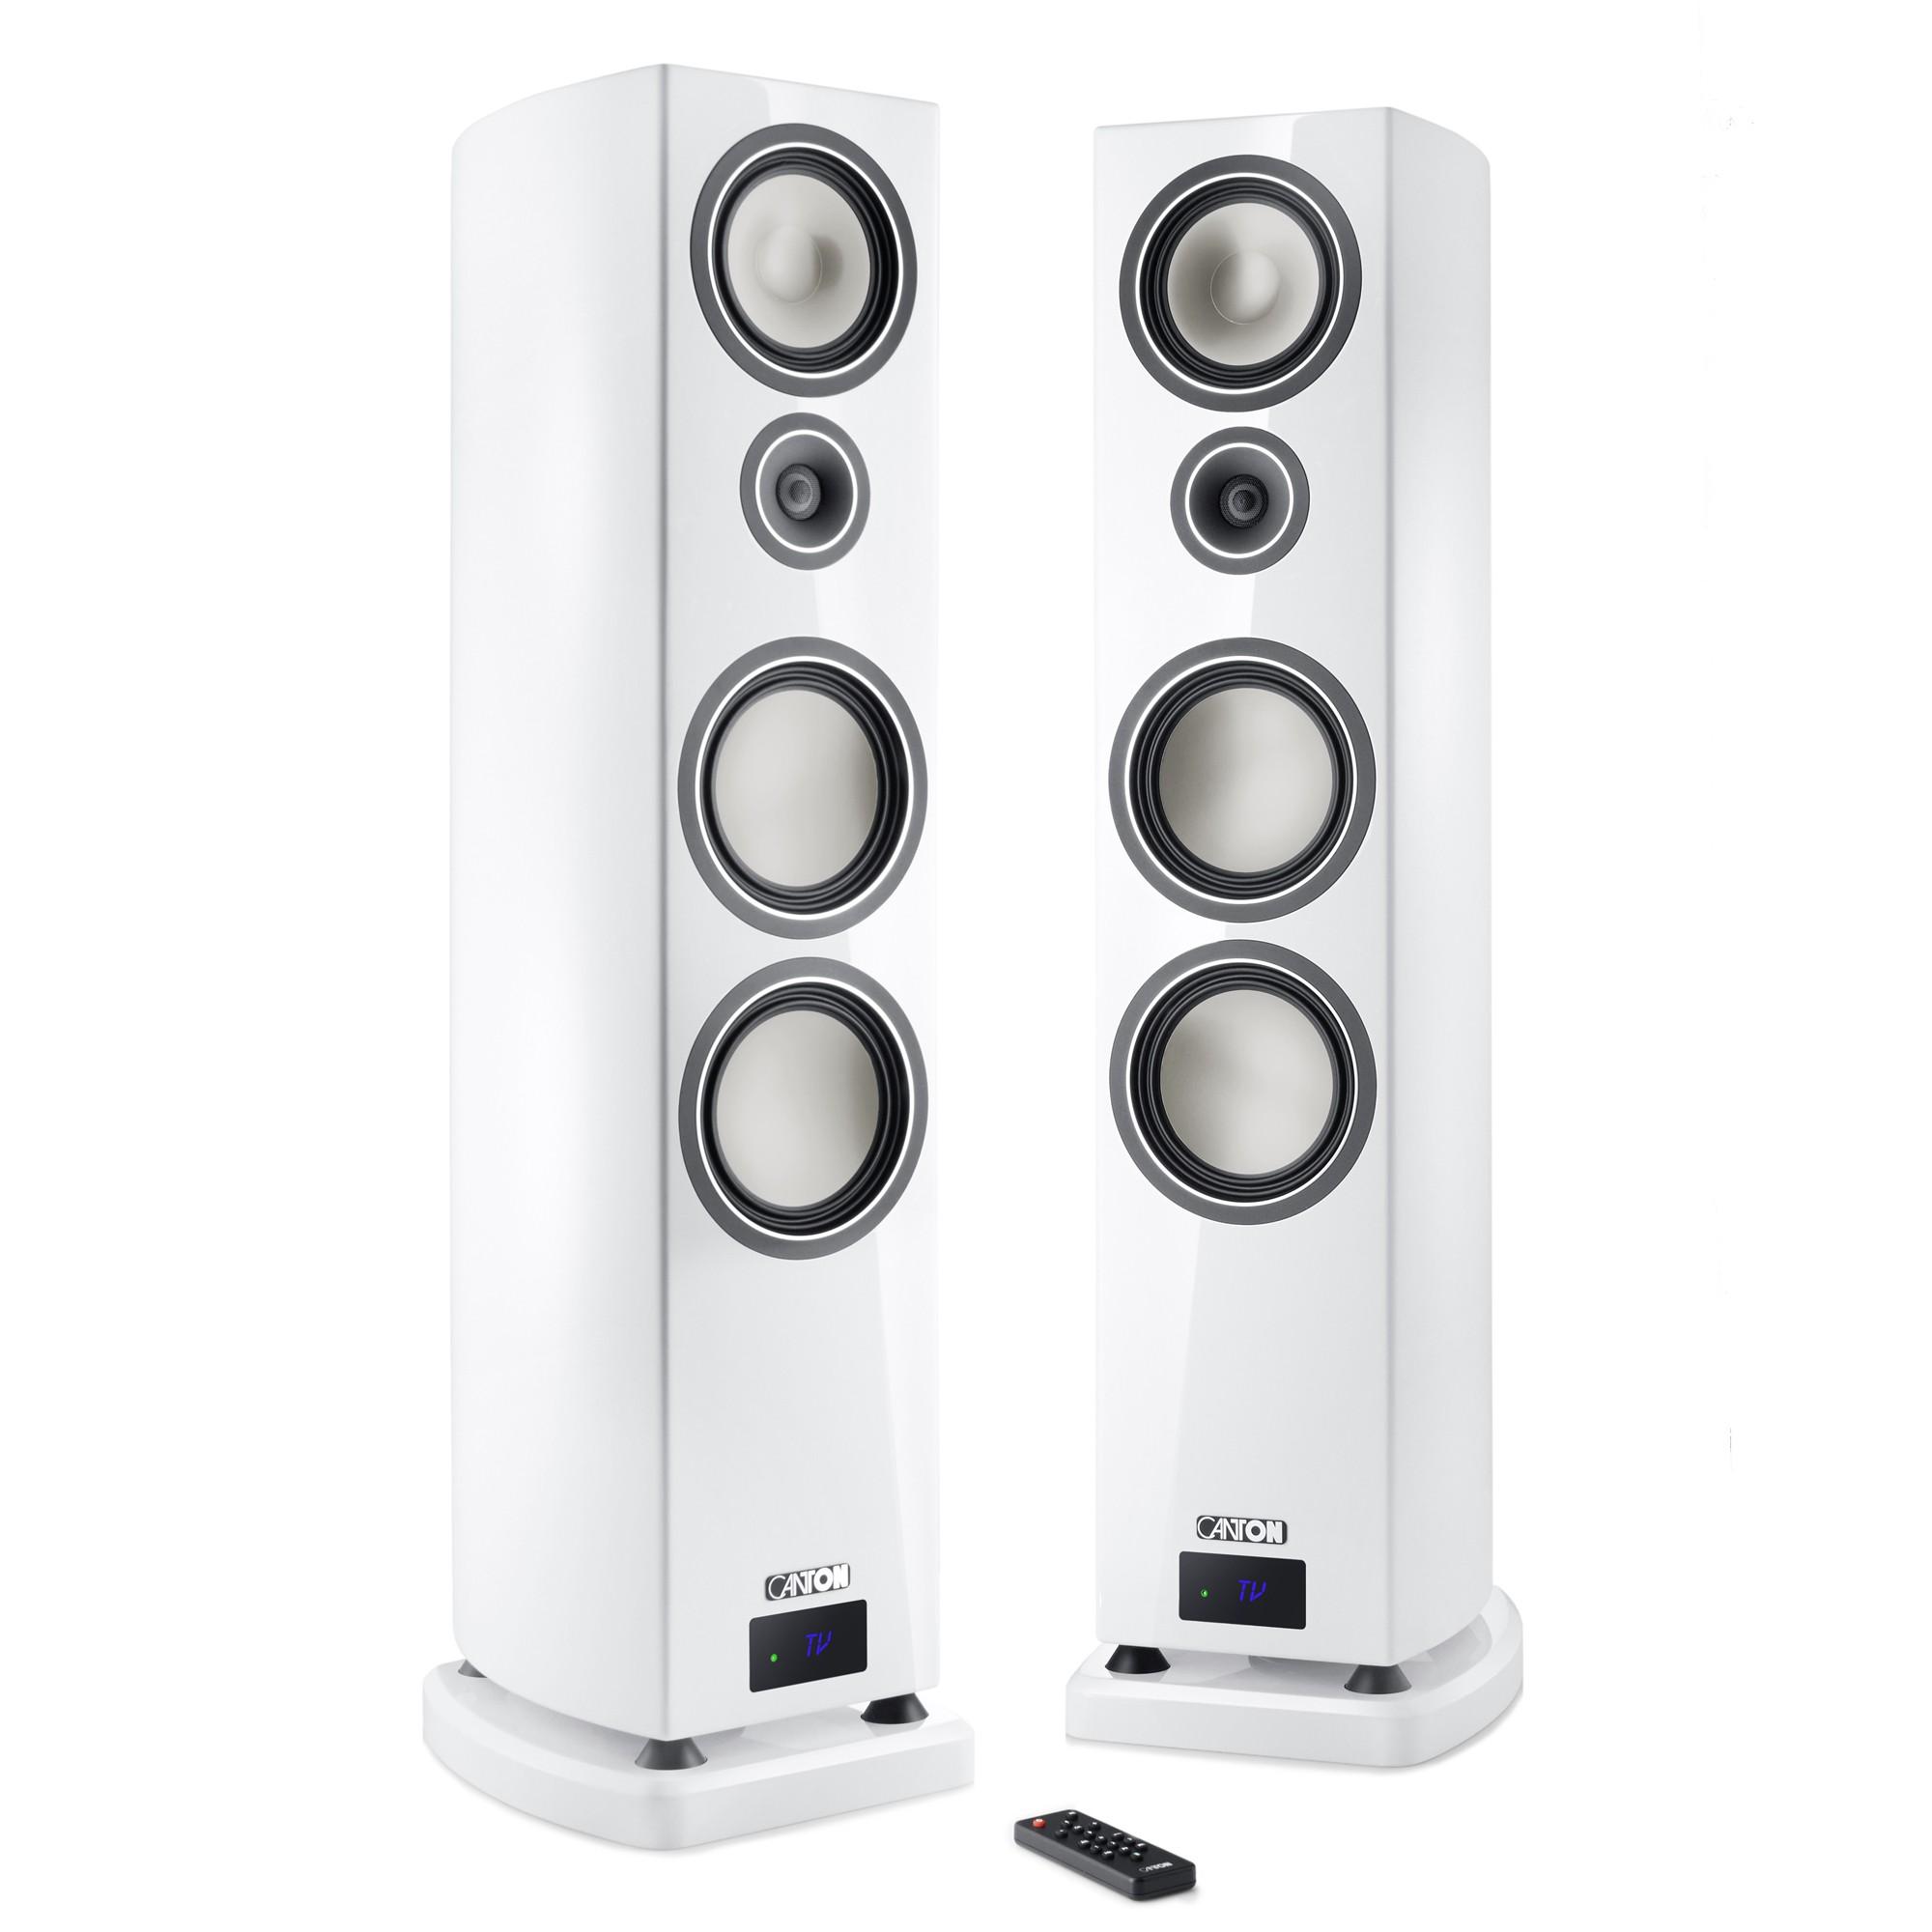 Canton Smart Vento 9 weiss highgloss Set / Paar Wireless Aktiv-Standlautsprecher